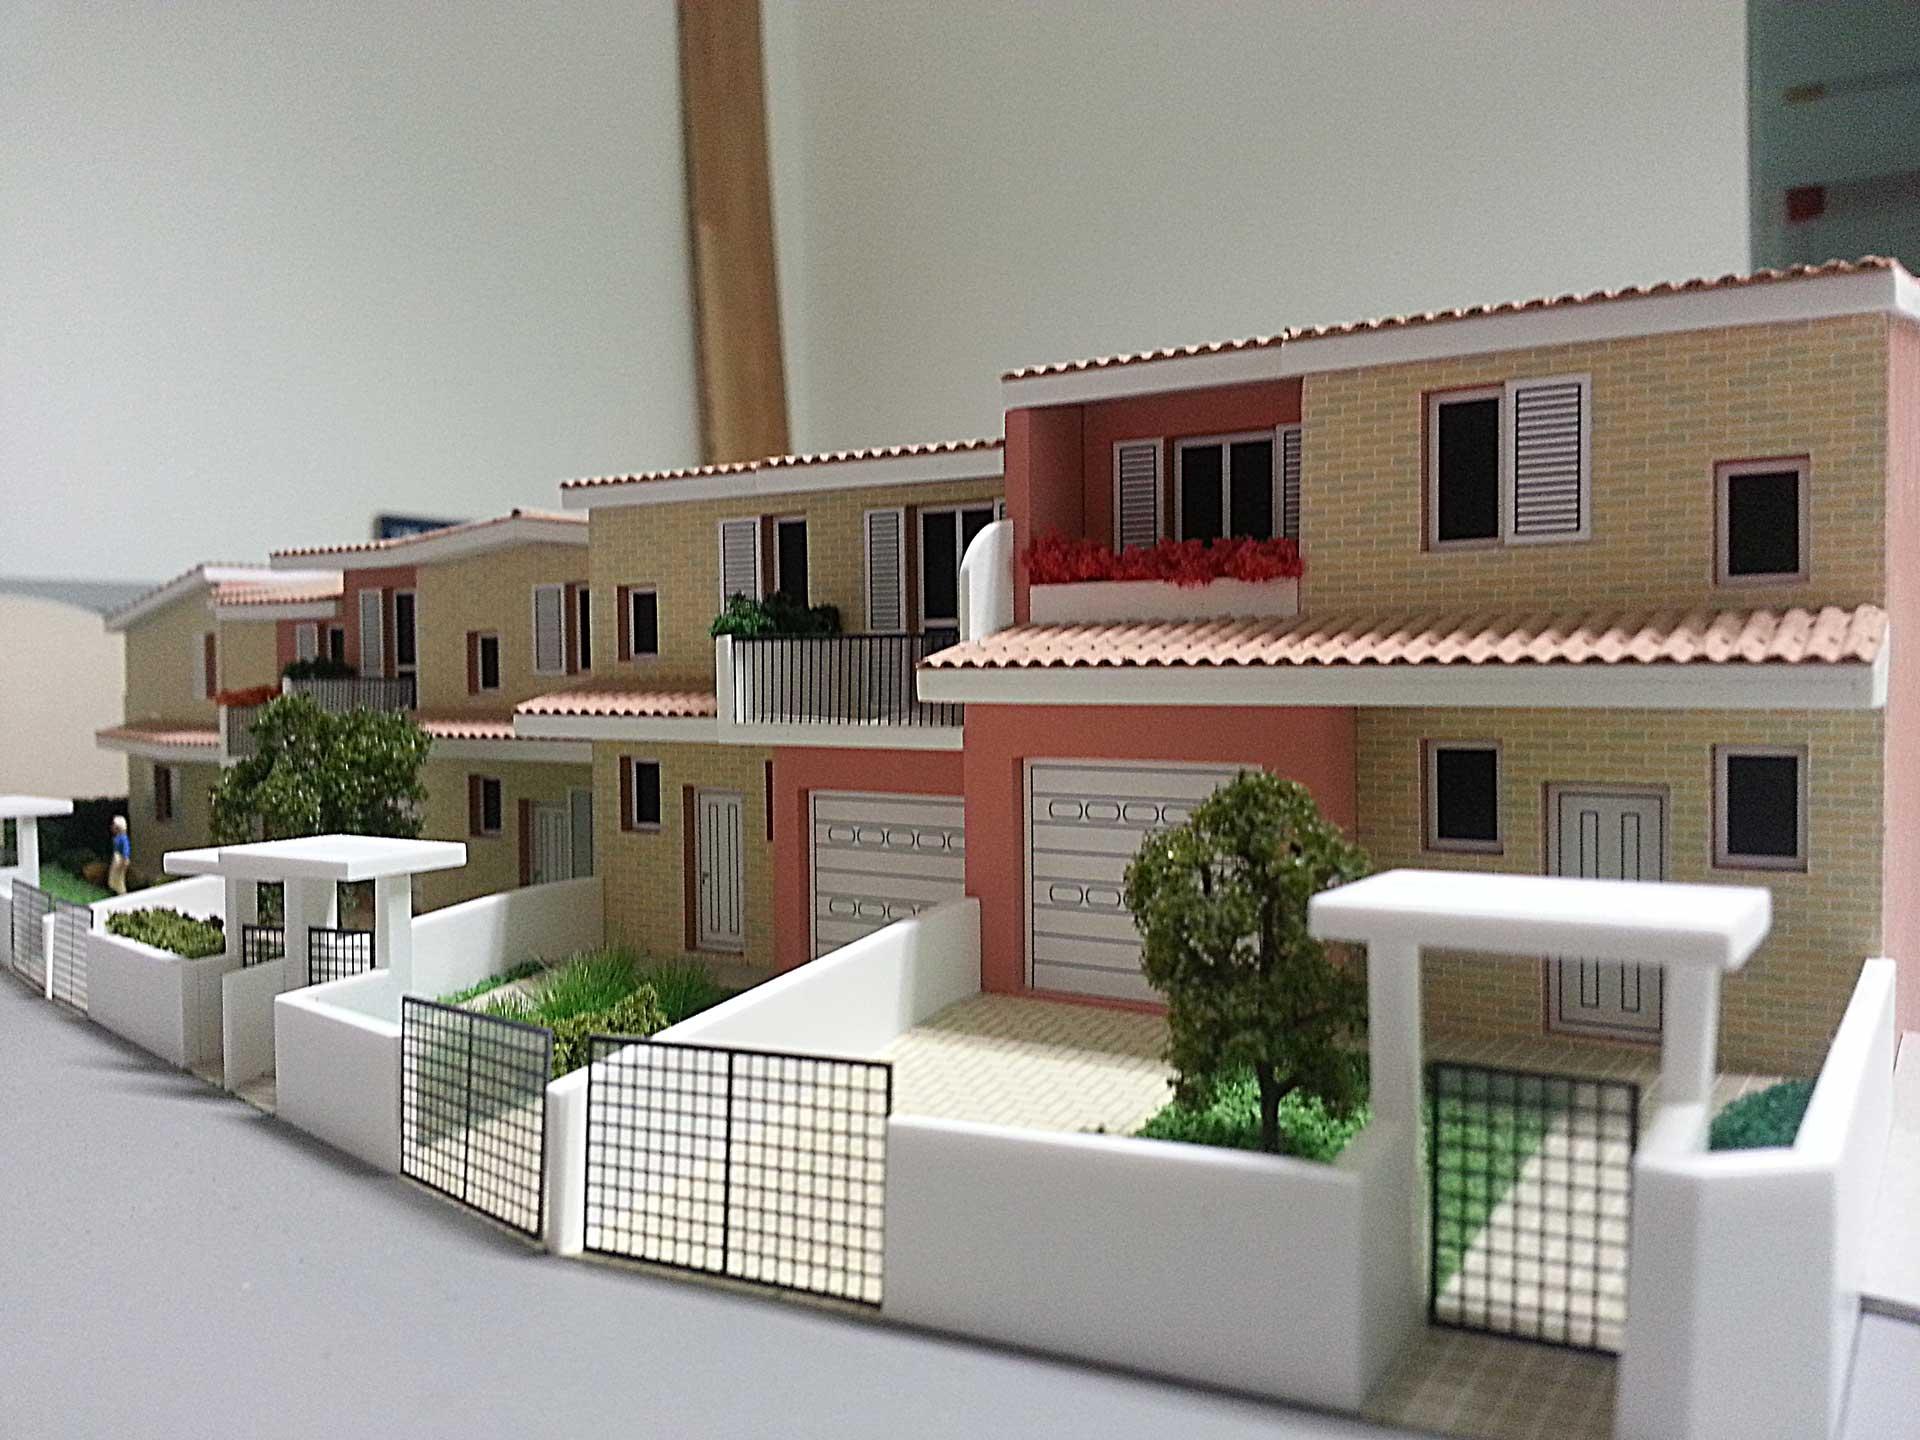 villette moderne esterno perfect villette bifamiliari in